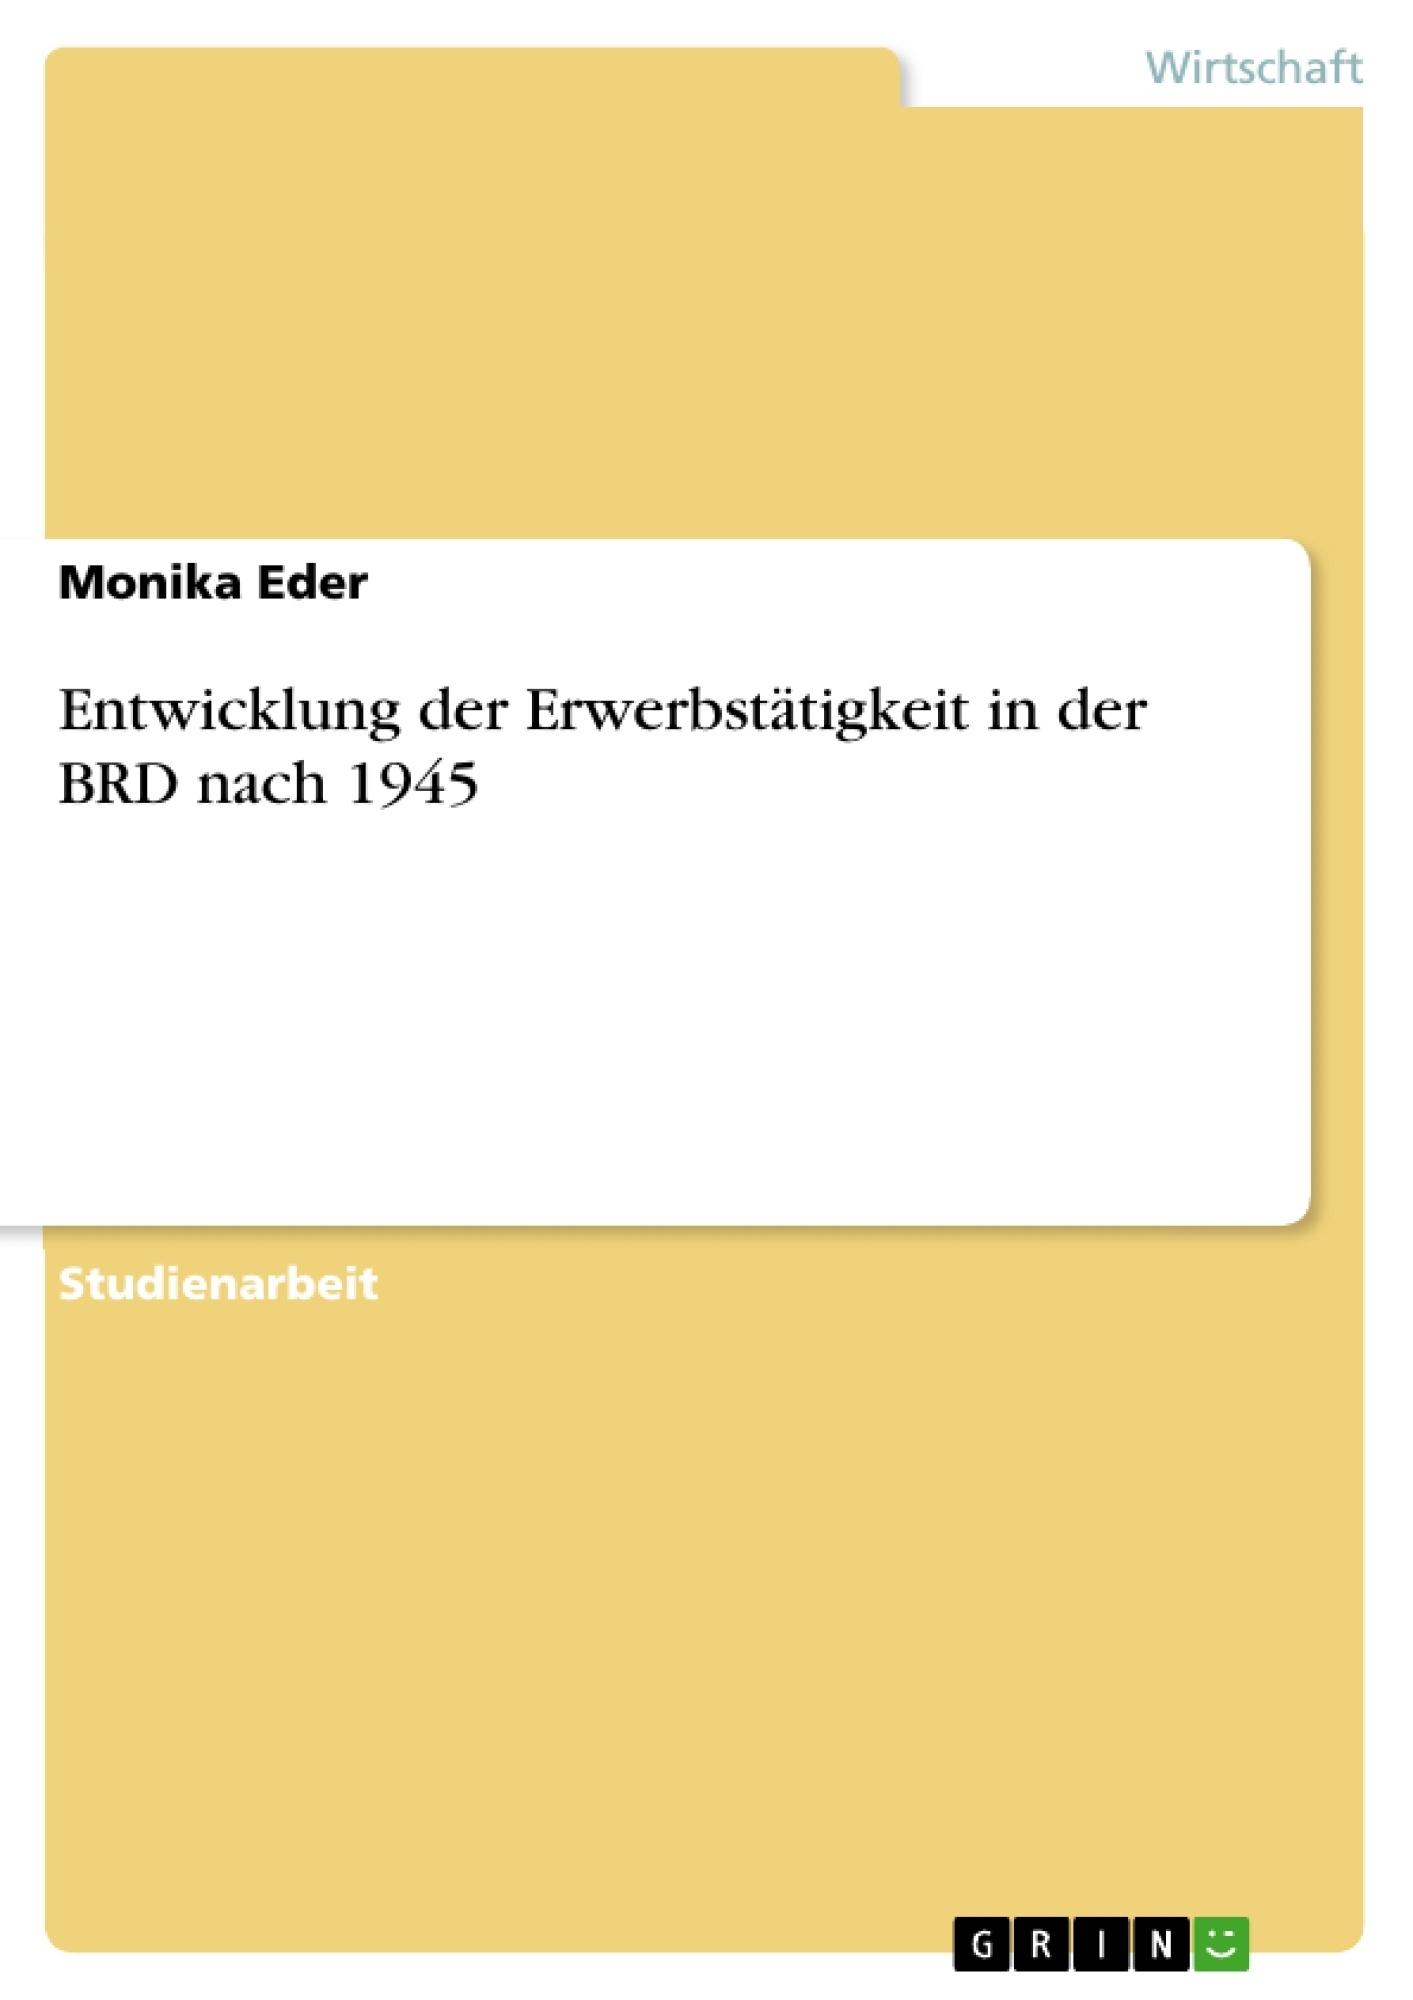 Titel: Entwicklung der Erwerbstätigkeit in der BRD nach 1945